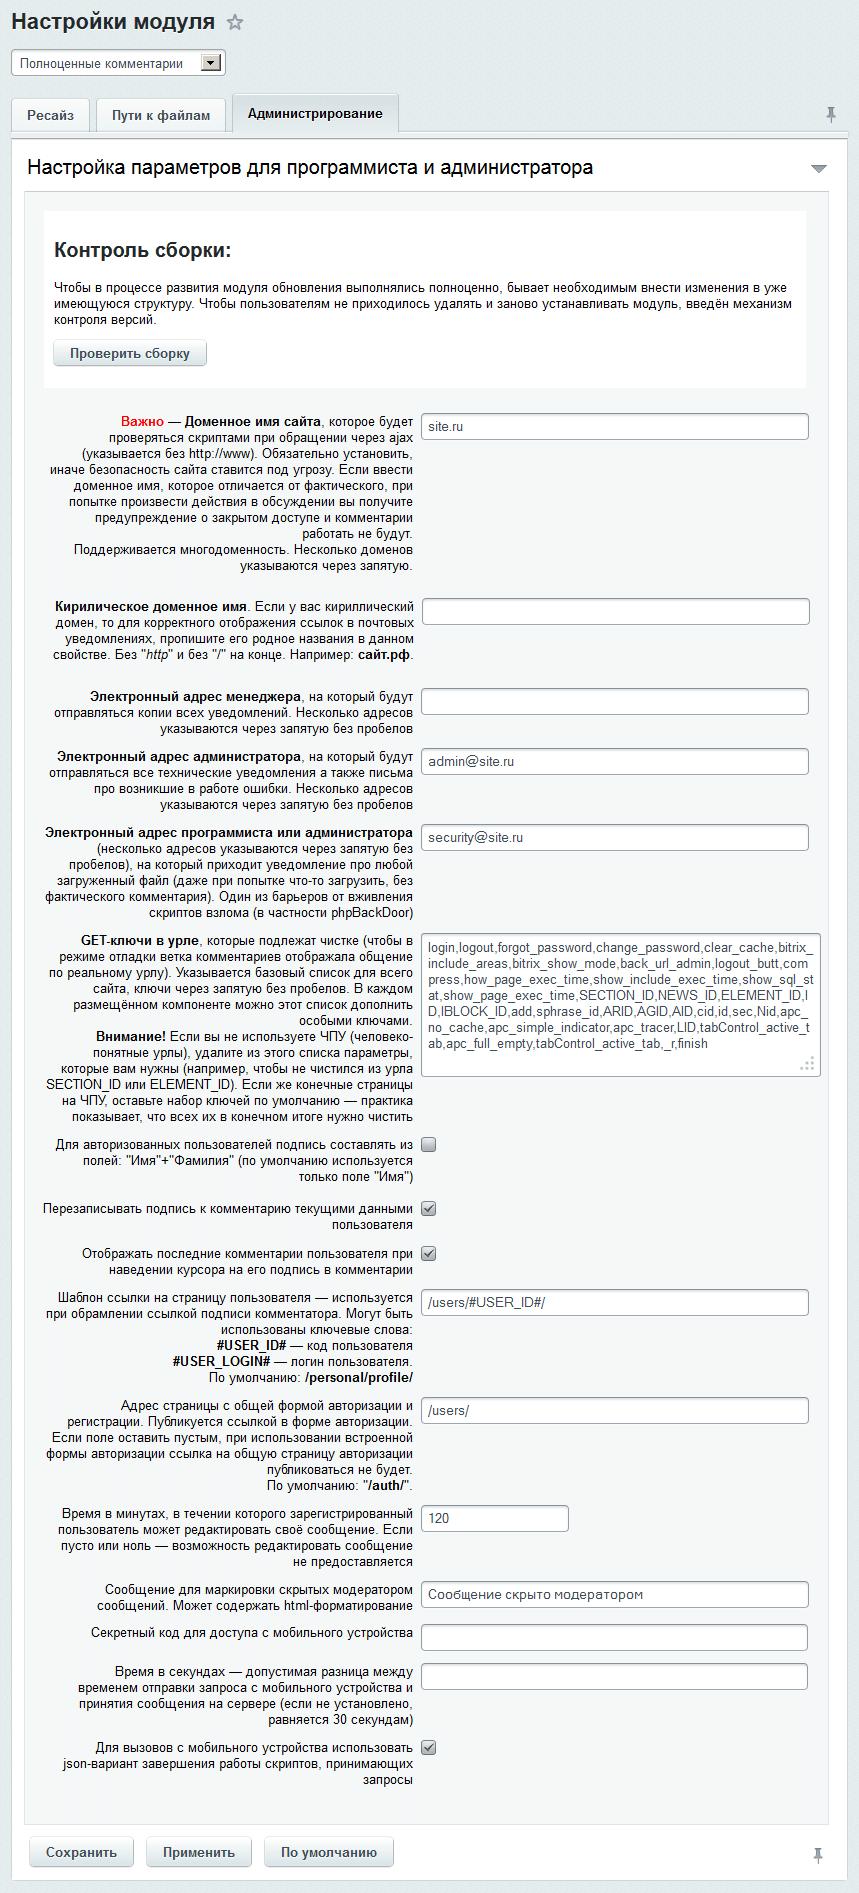 Полноценные комментарии под Битрикс. Документация